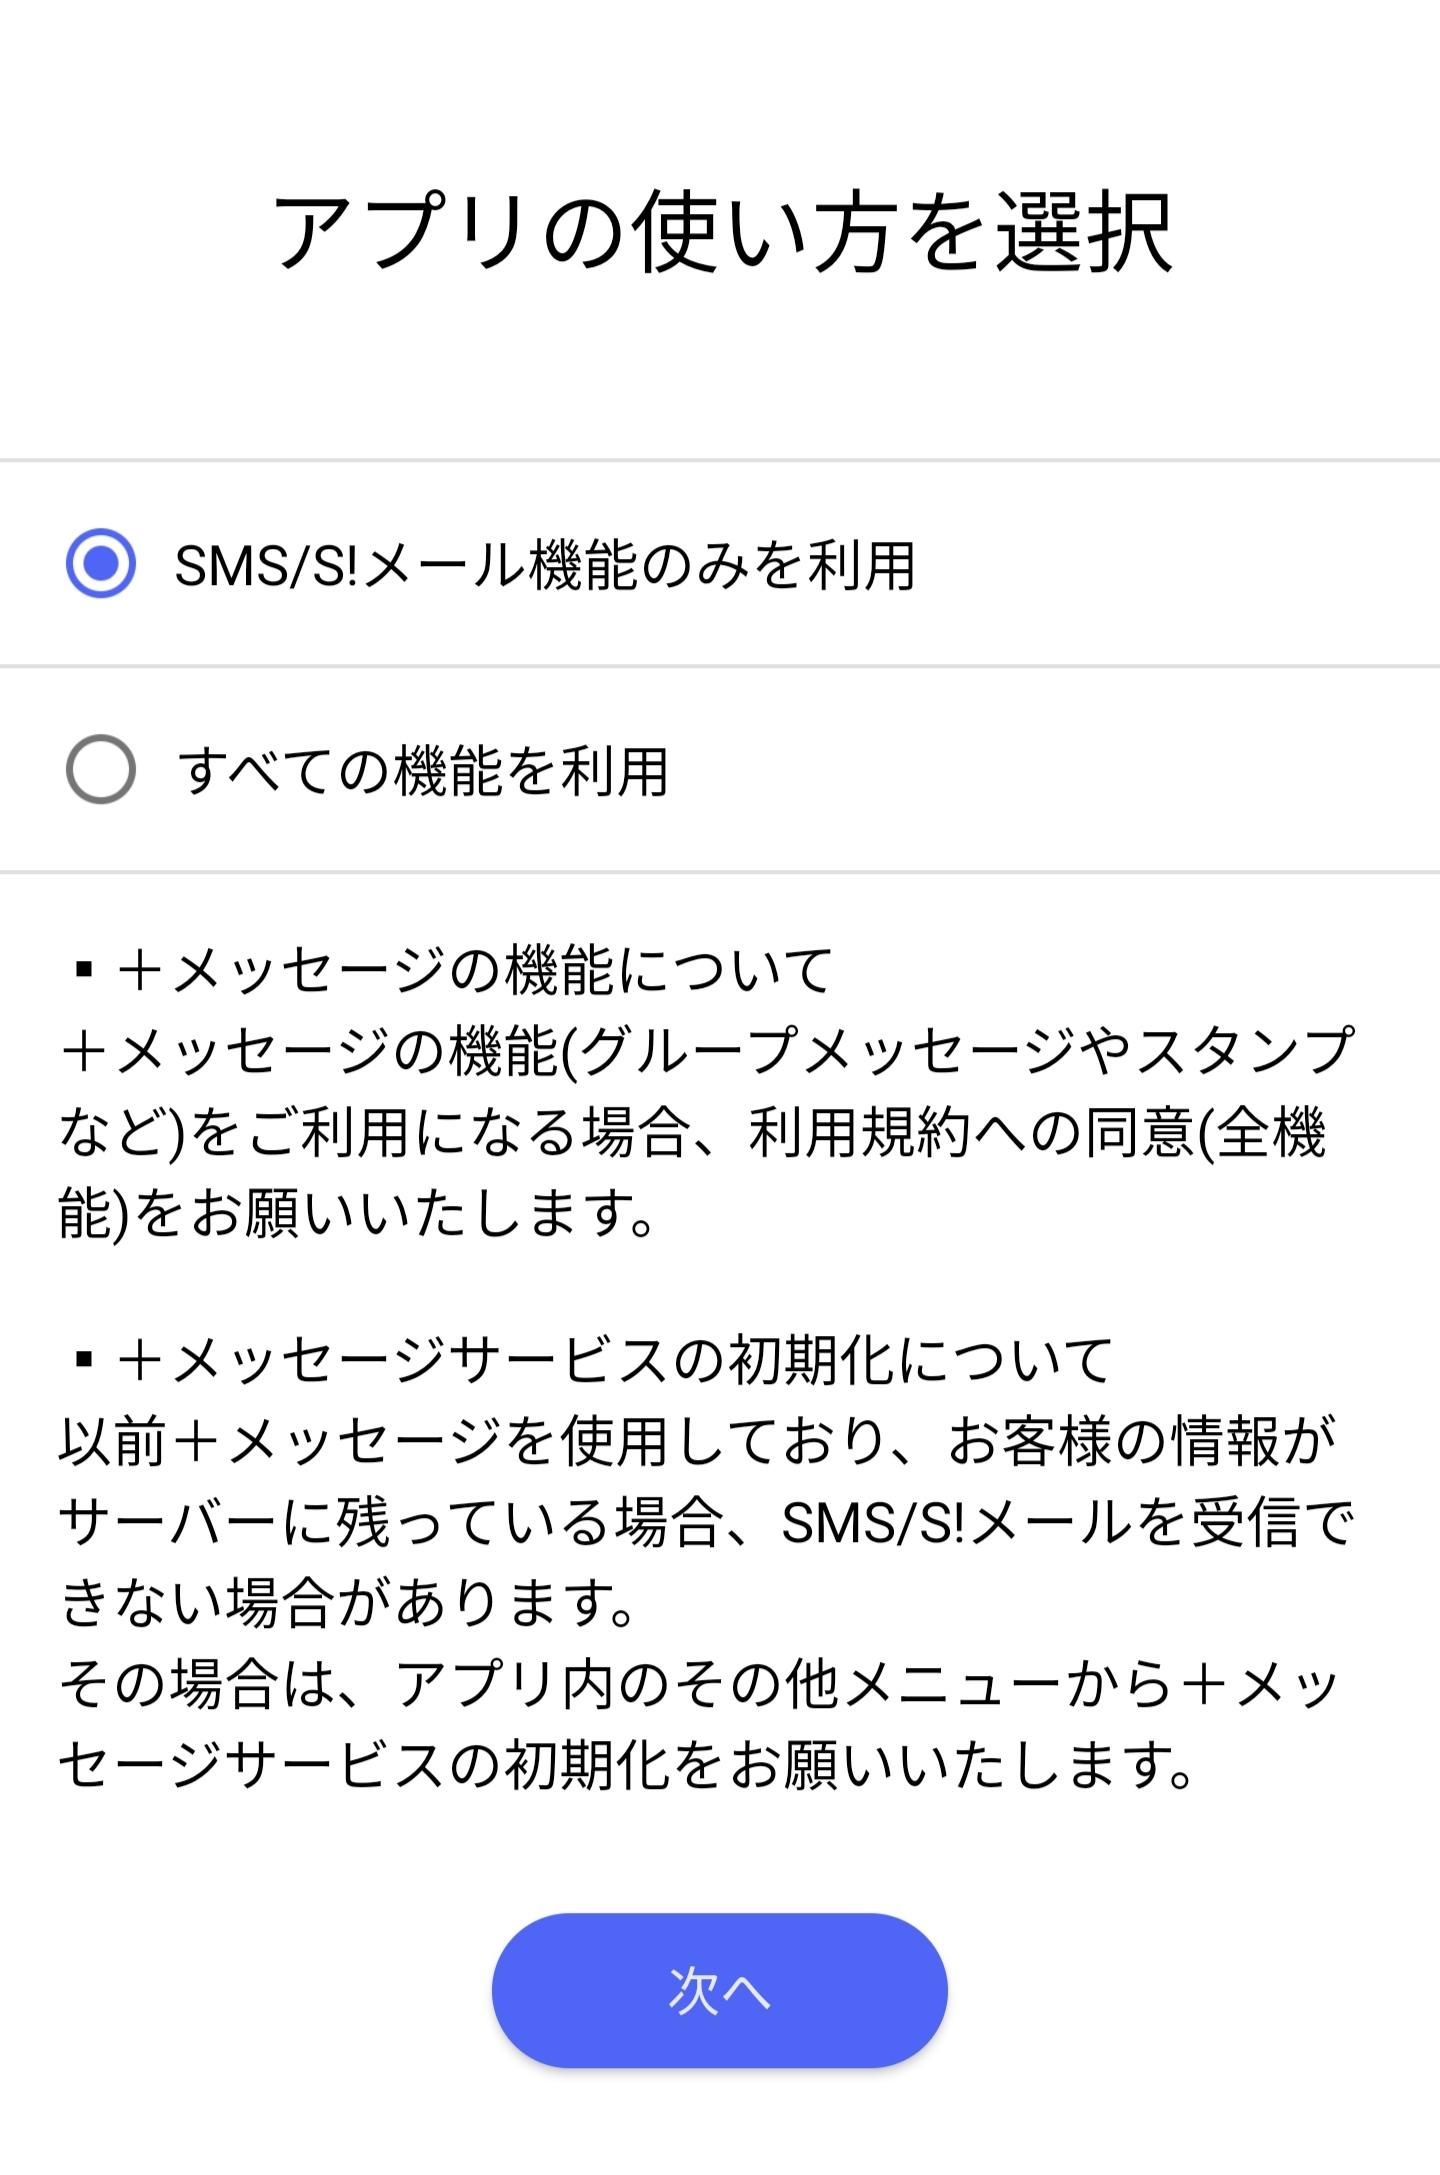 +メッセージをメッセージアプリとして使う